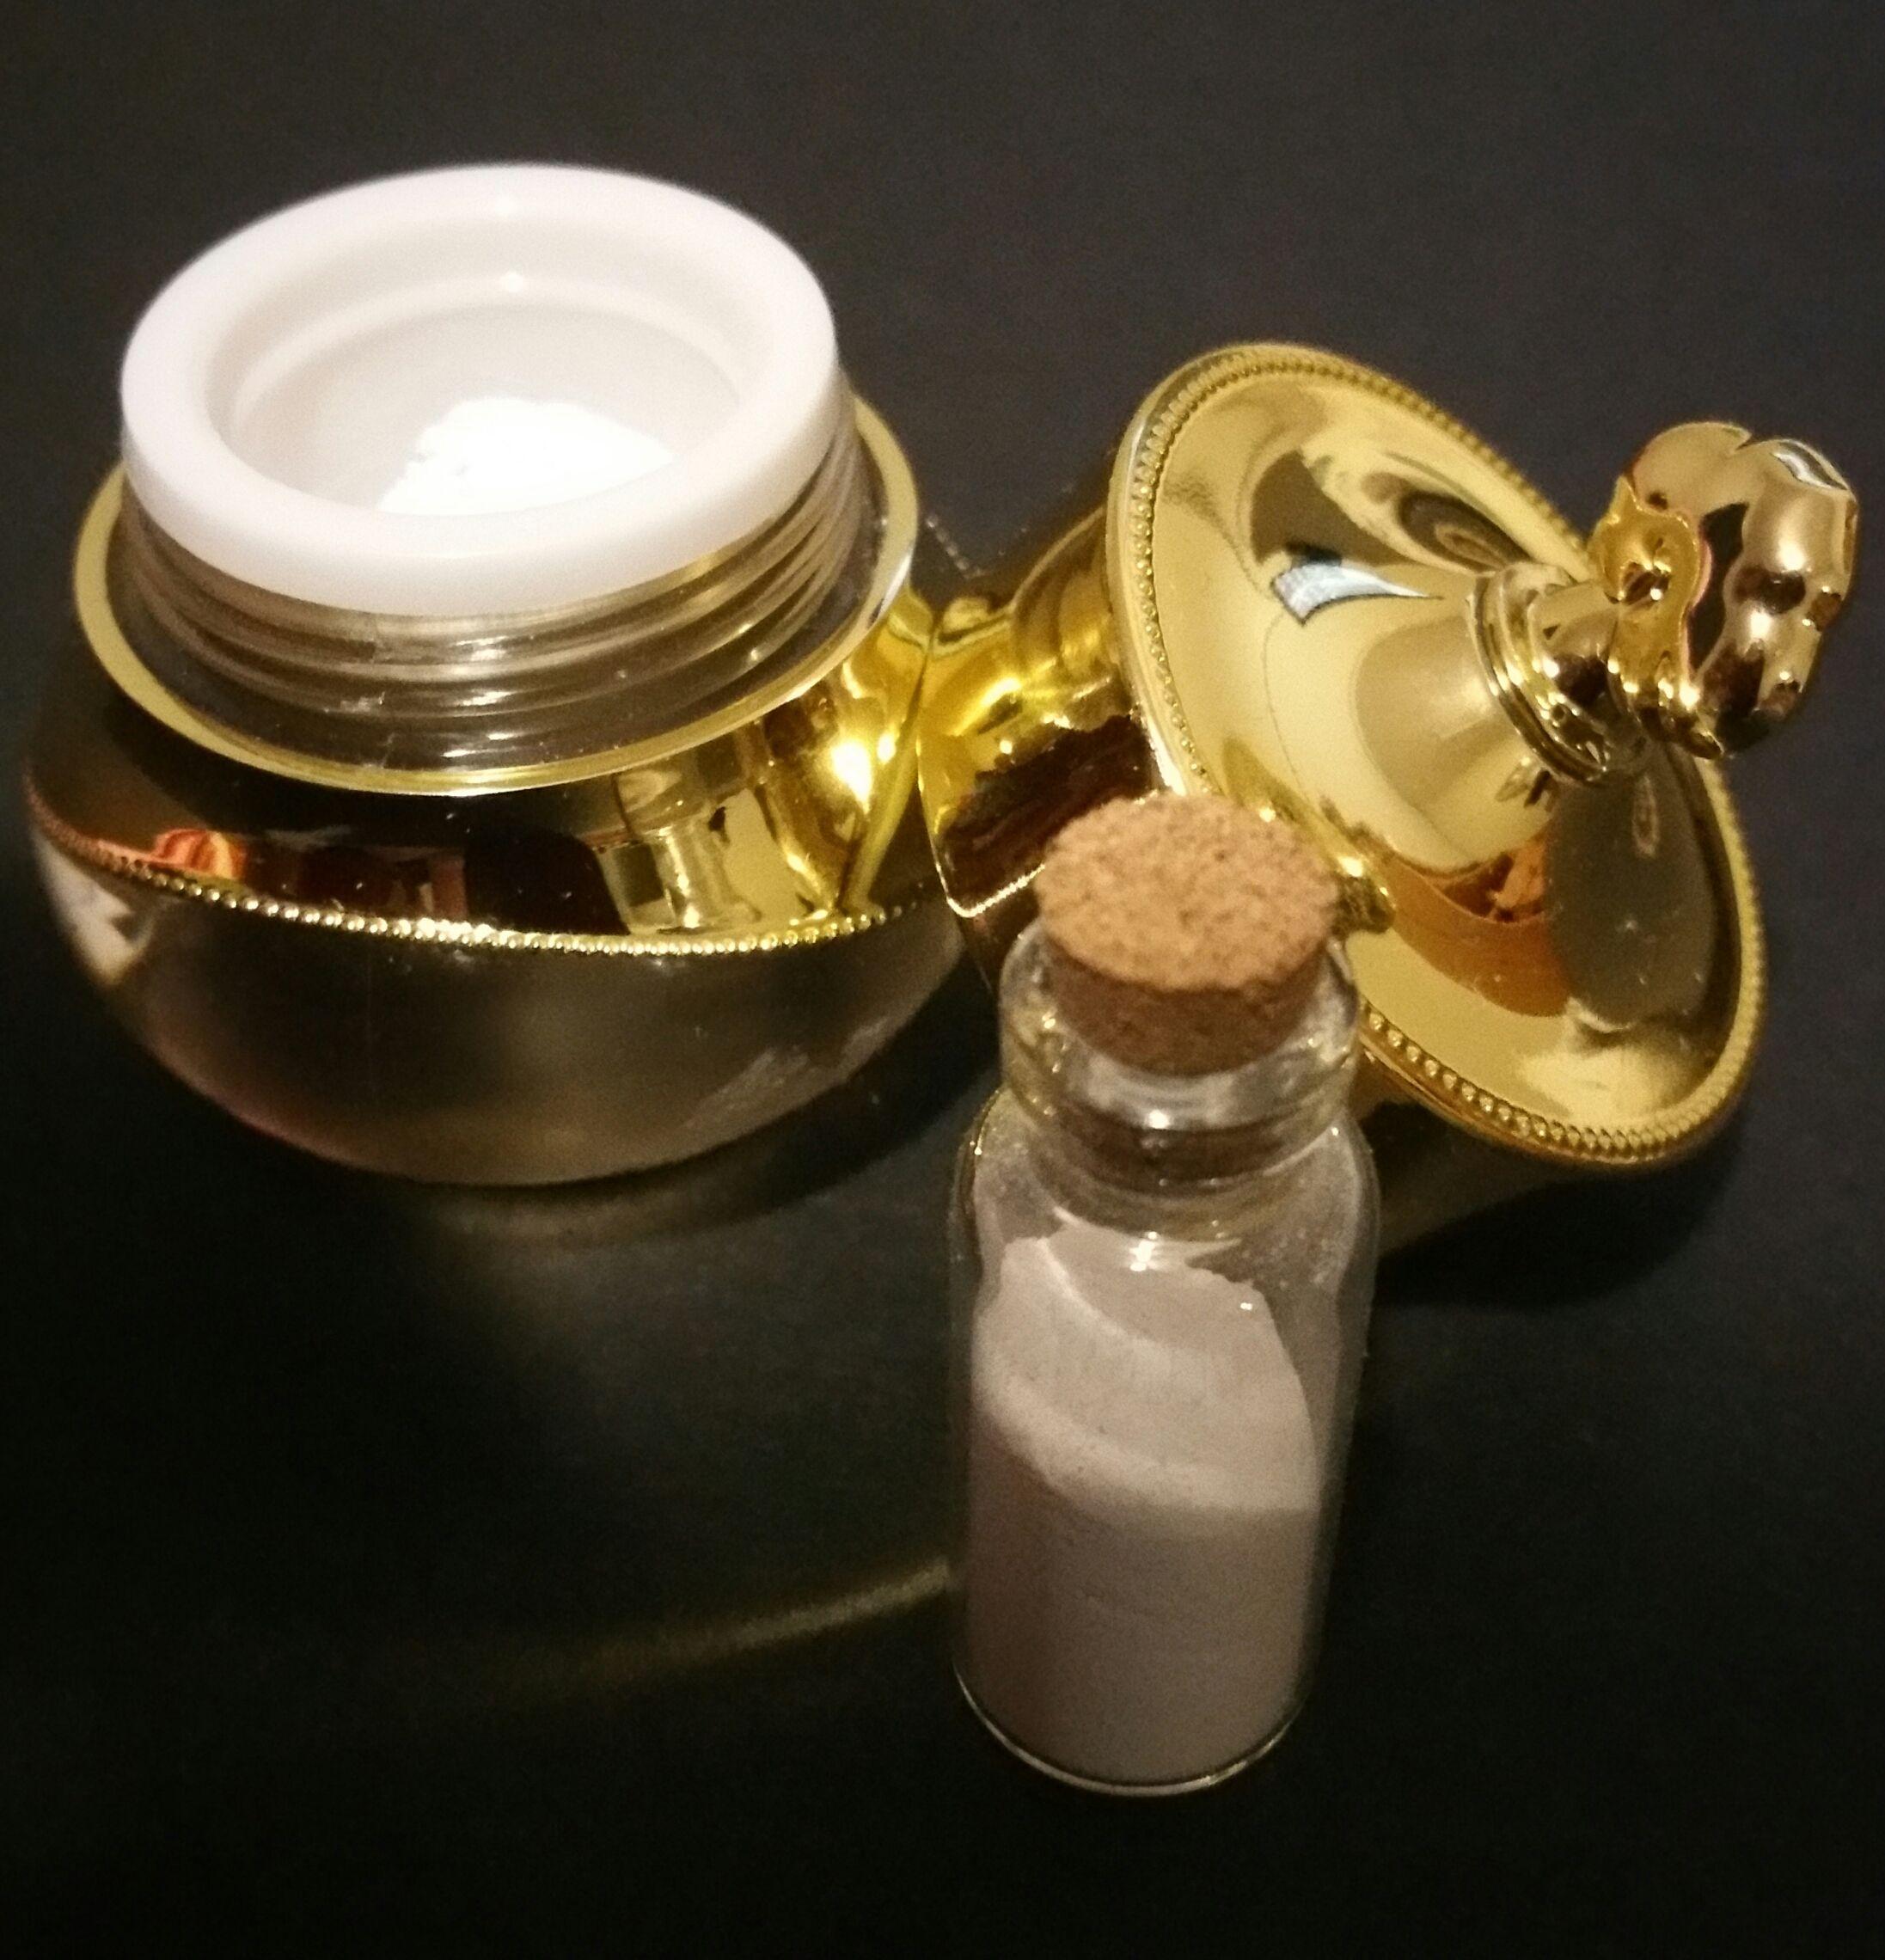 Details about Monoatomic Pure PLATINUM powder Edible 5g Orme